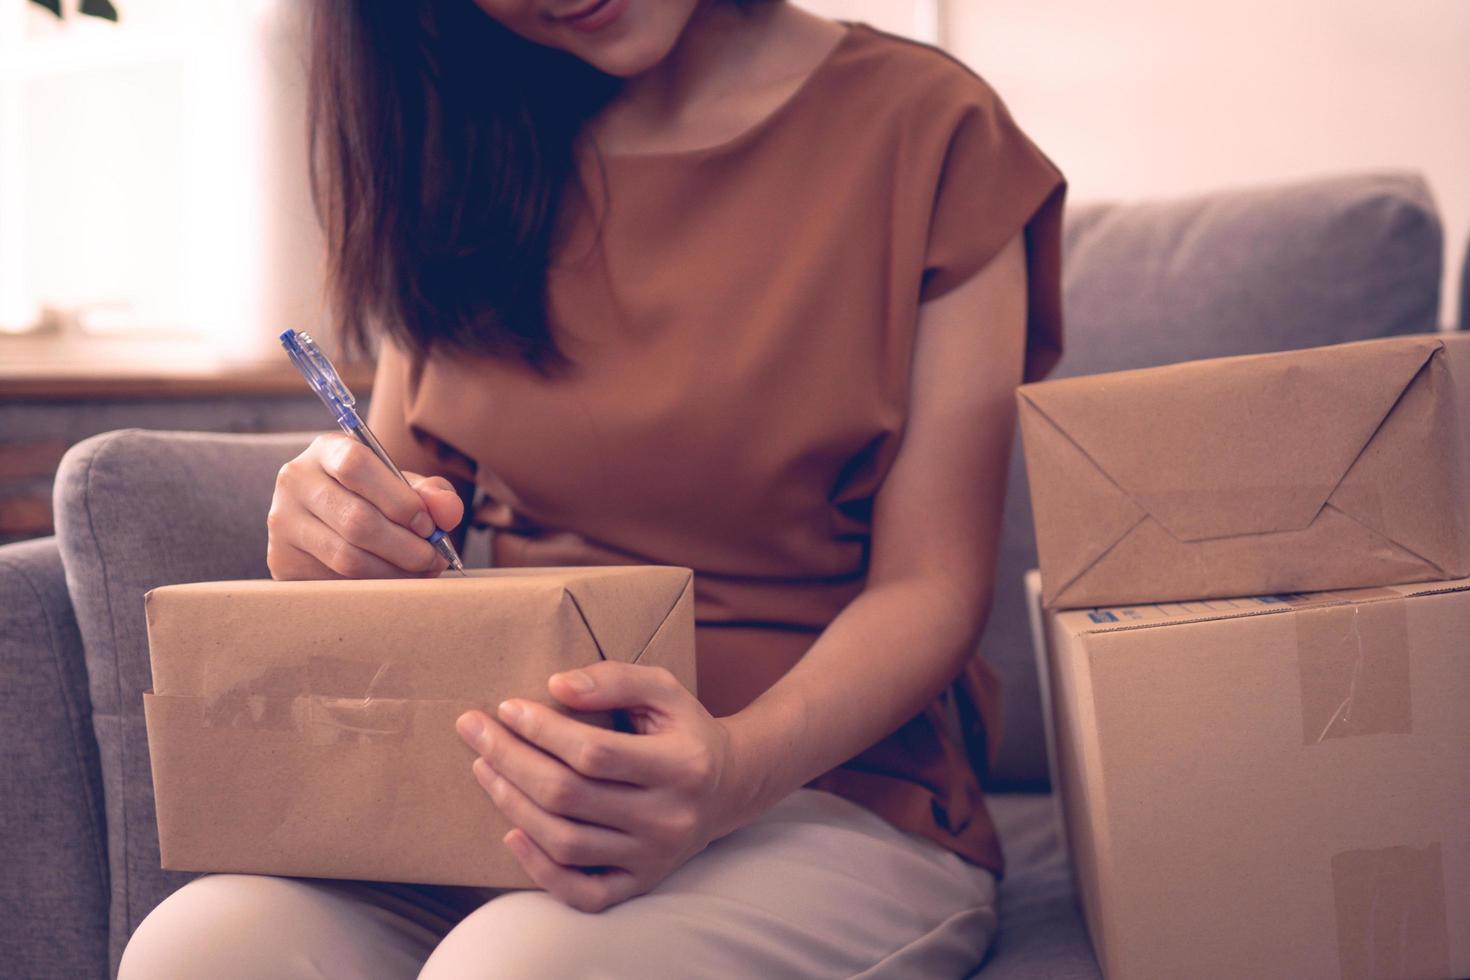 Gros plan de la main de la femme écrit sur la boîte de colis se préparant à la livraison en ligne entreprise concept photo